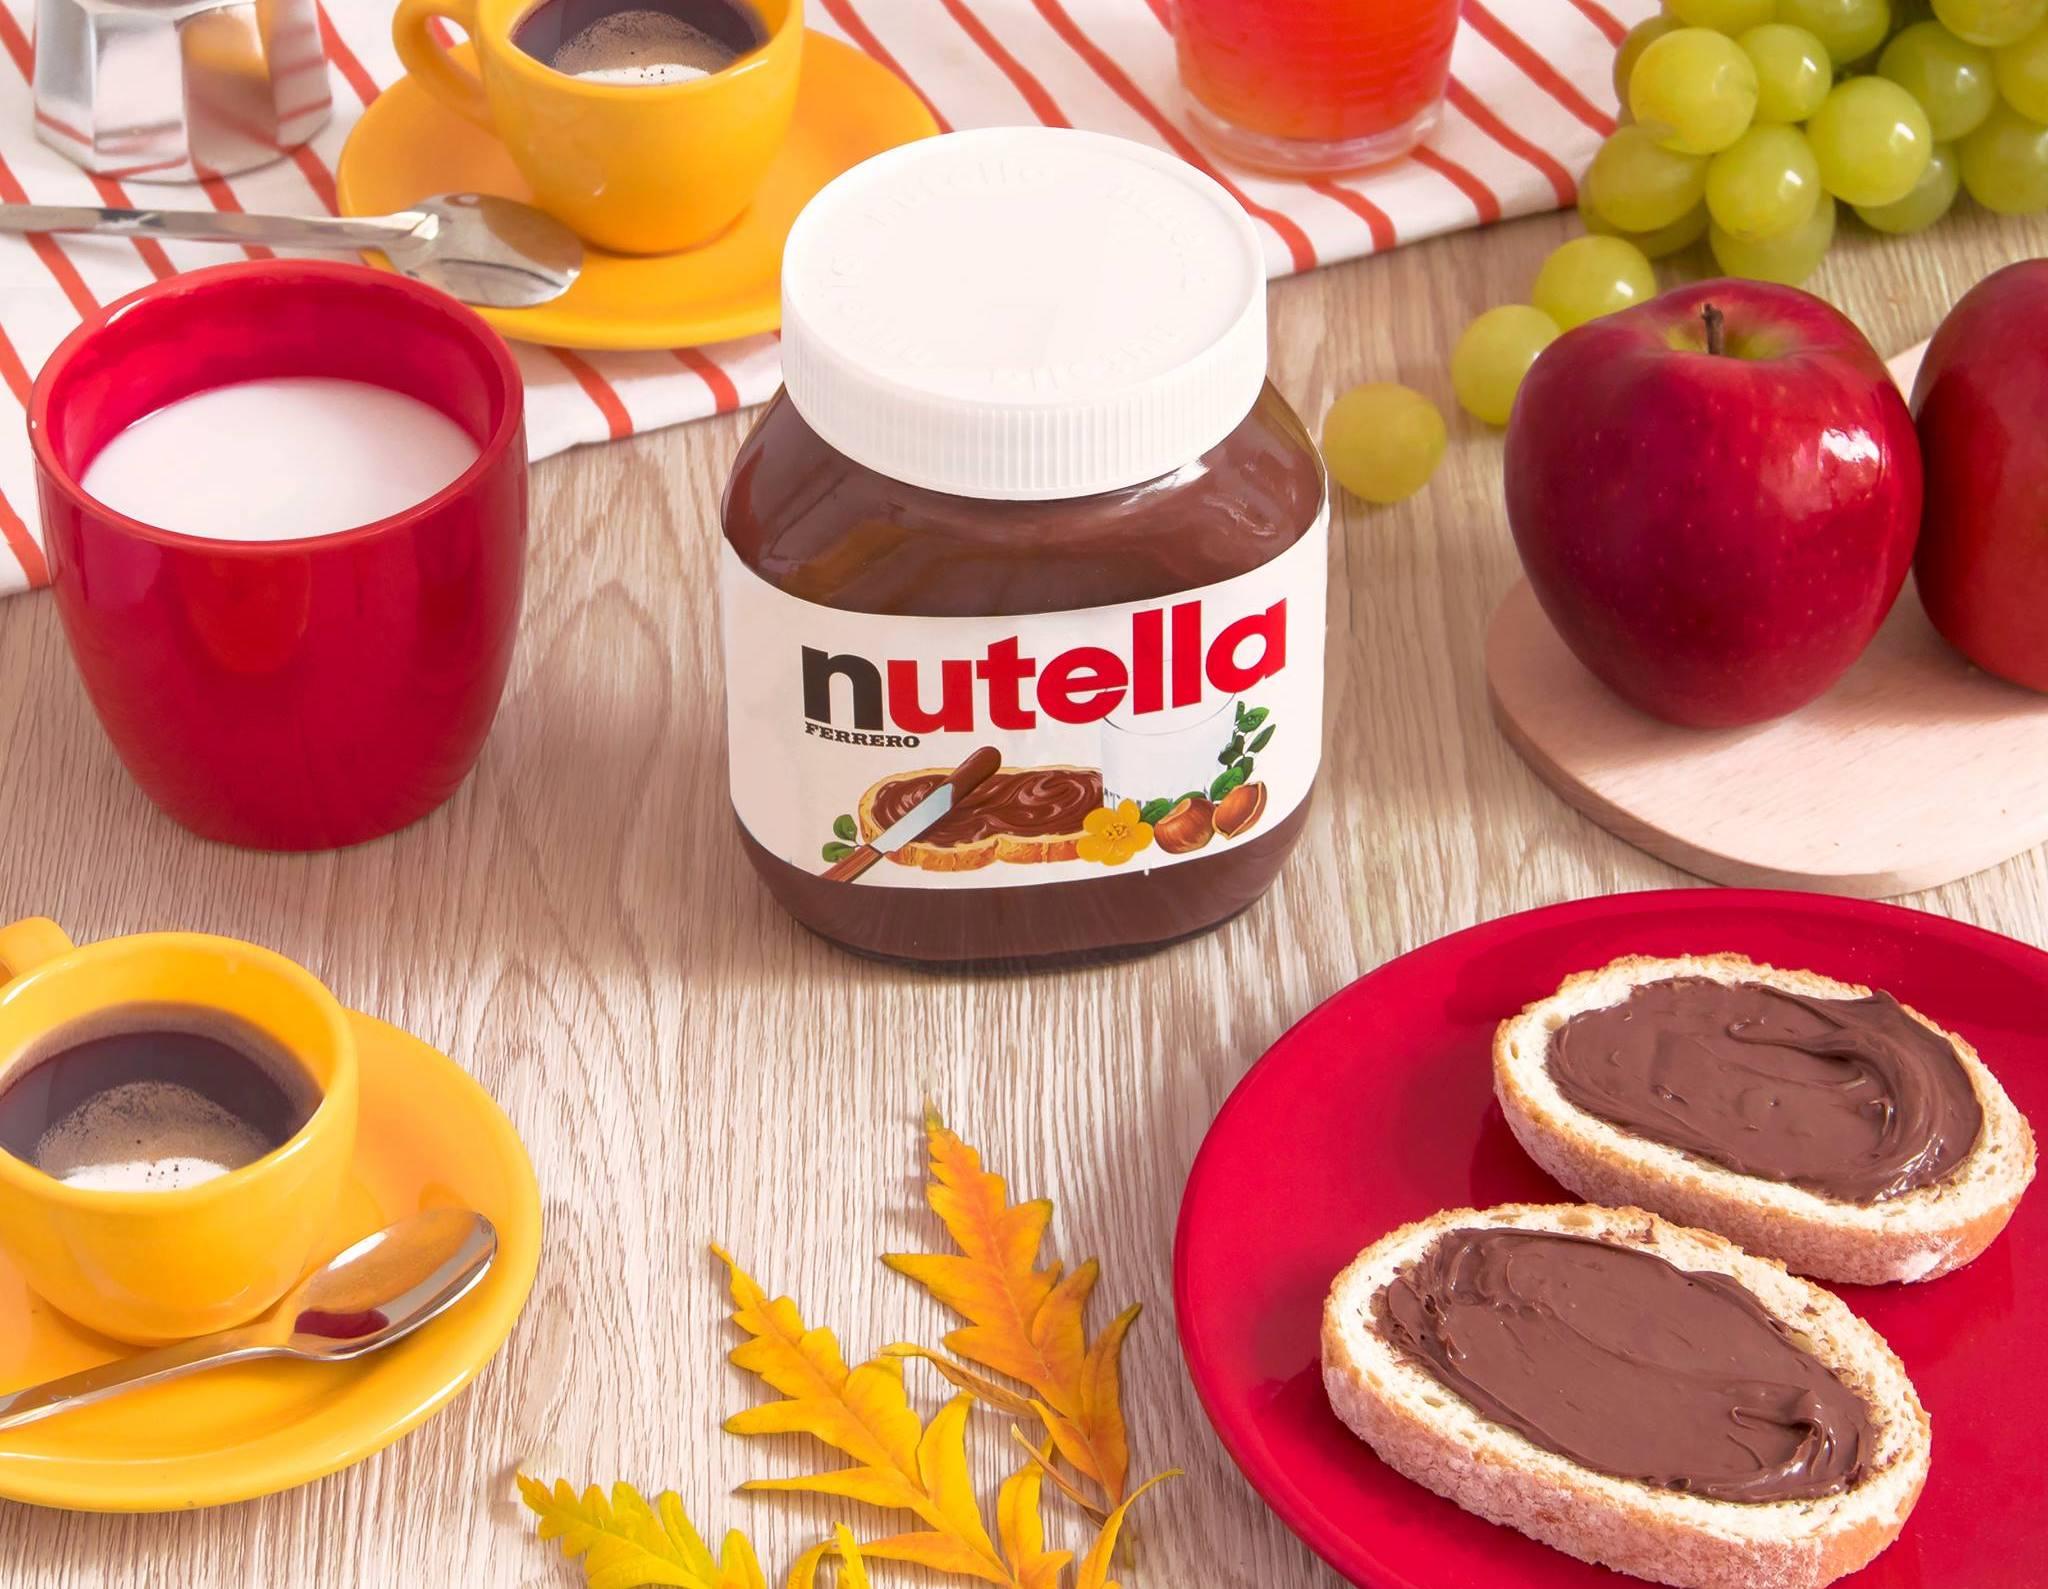 Nutella cambia ricetta, l'azienda rassicura: 'Più qualità e stesso gusto'